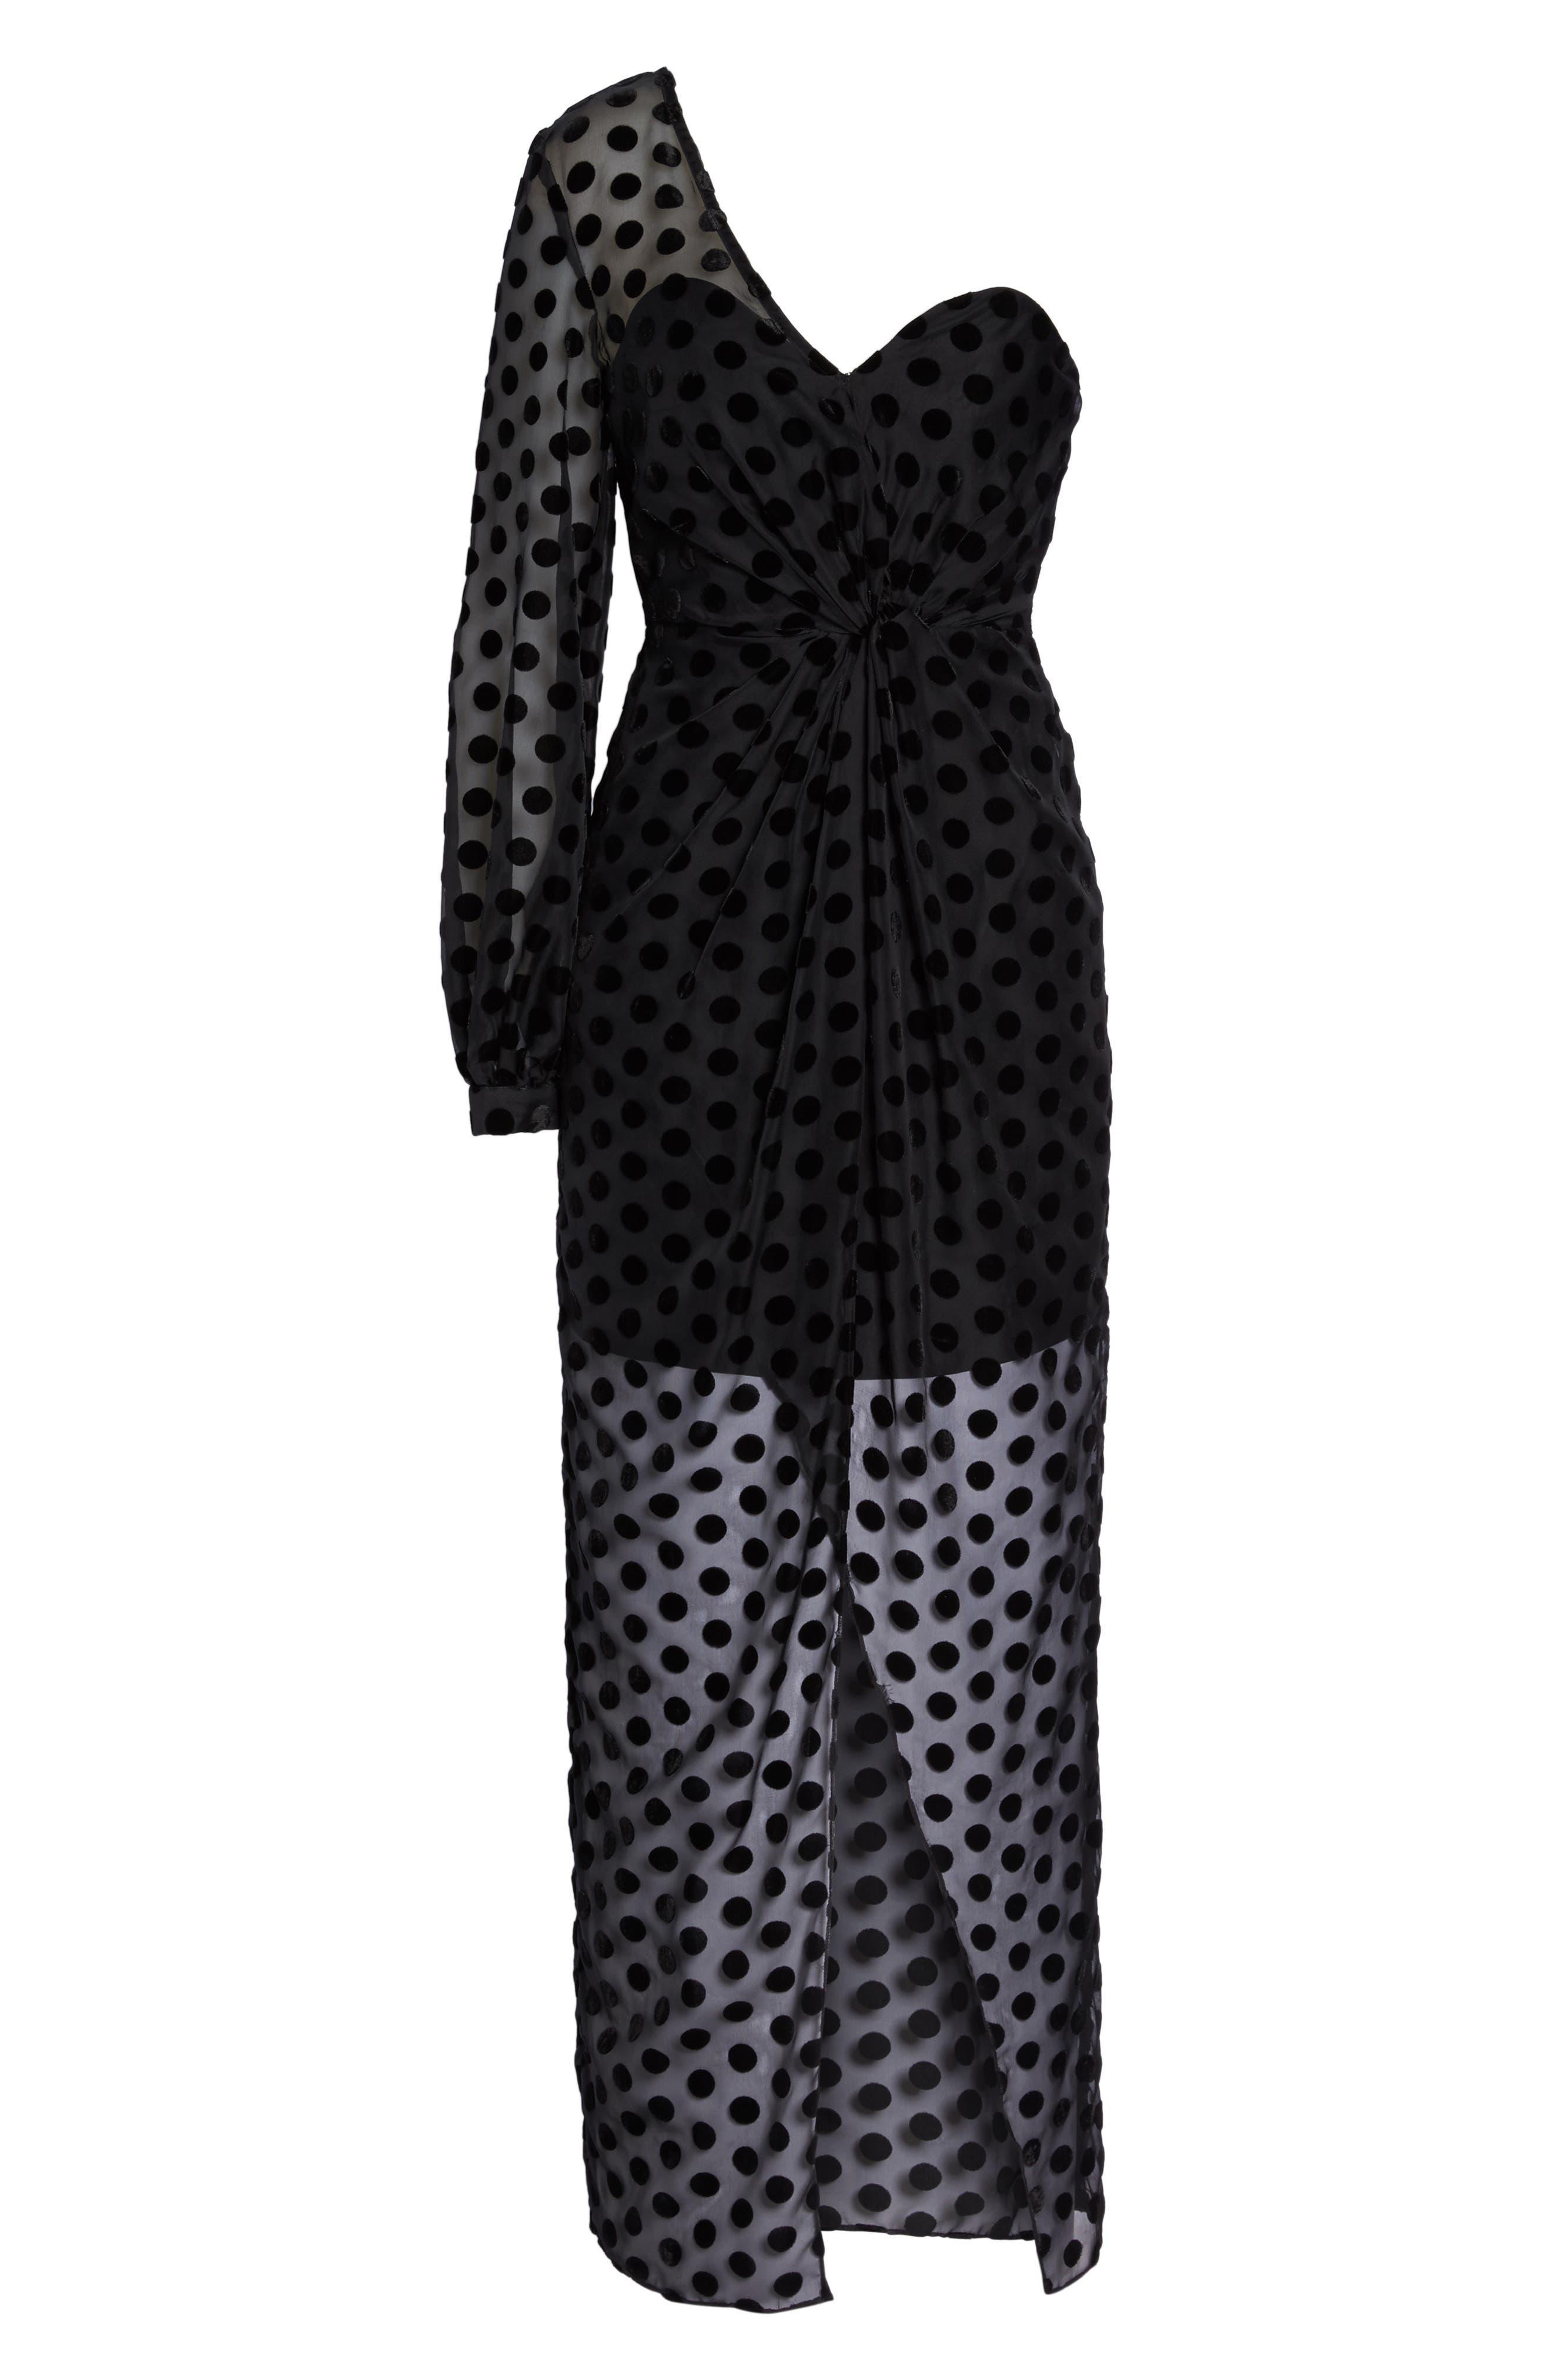 Exhale One Shoulder Polka Dot Dress,                             Alternate thumbnail 6, color,